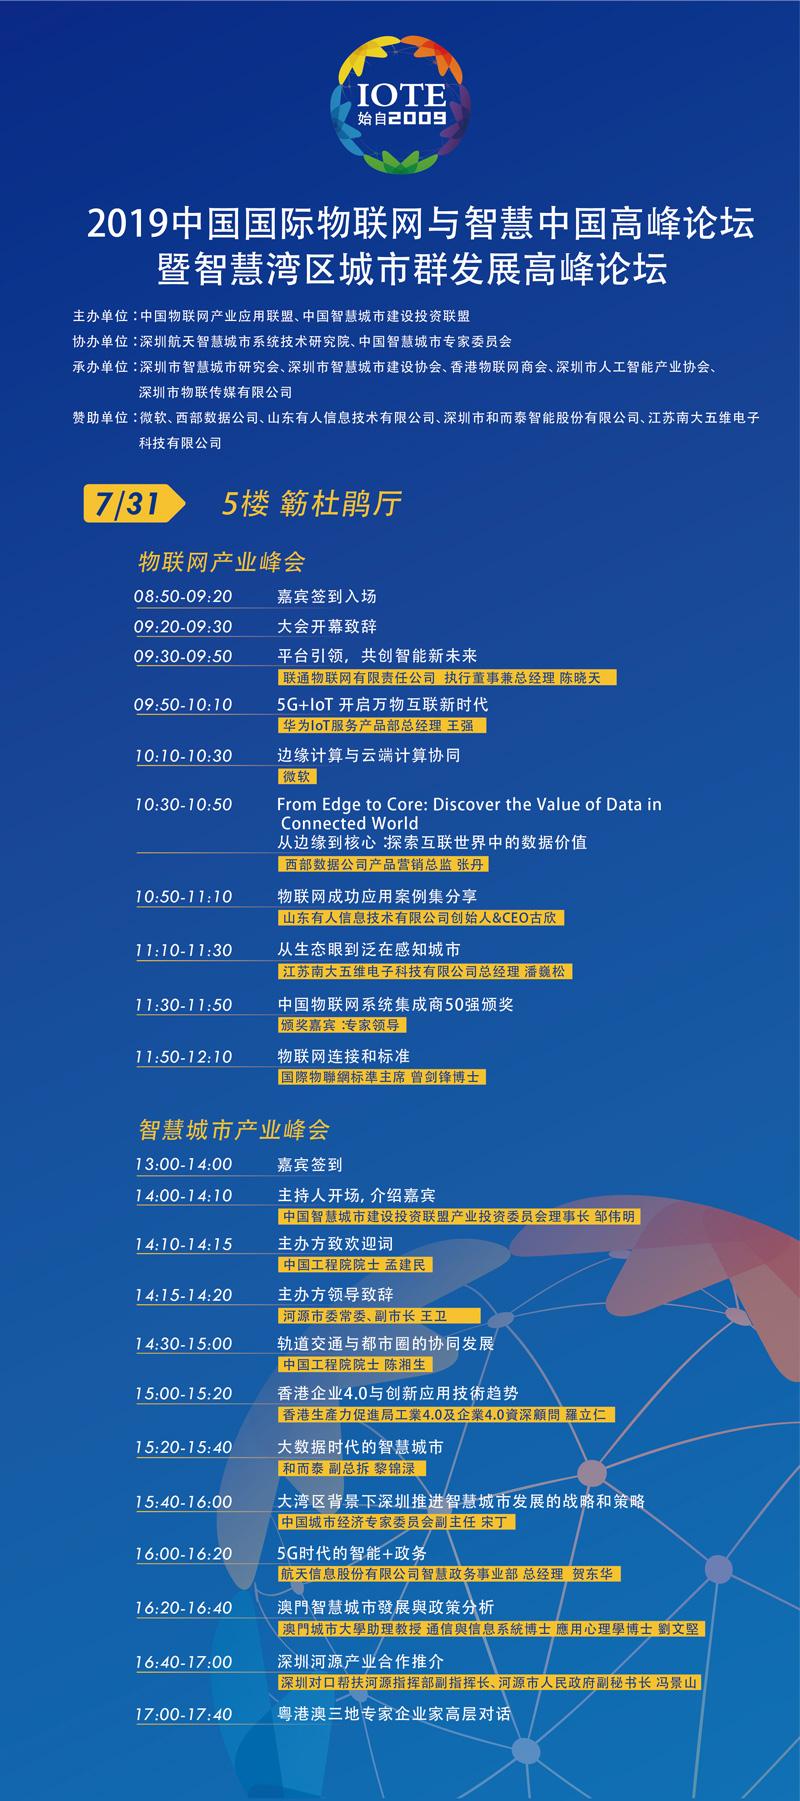 2019 中国国际物联网与智慧中国高峰论坛暨粤港澳智慧城市群发展高峰论坛